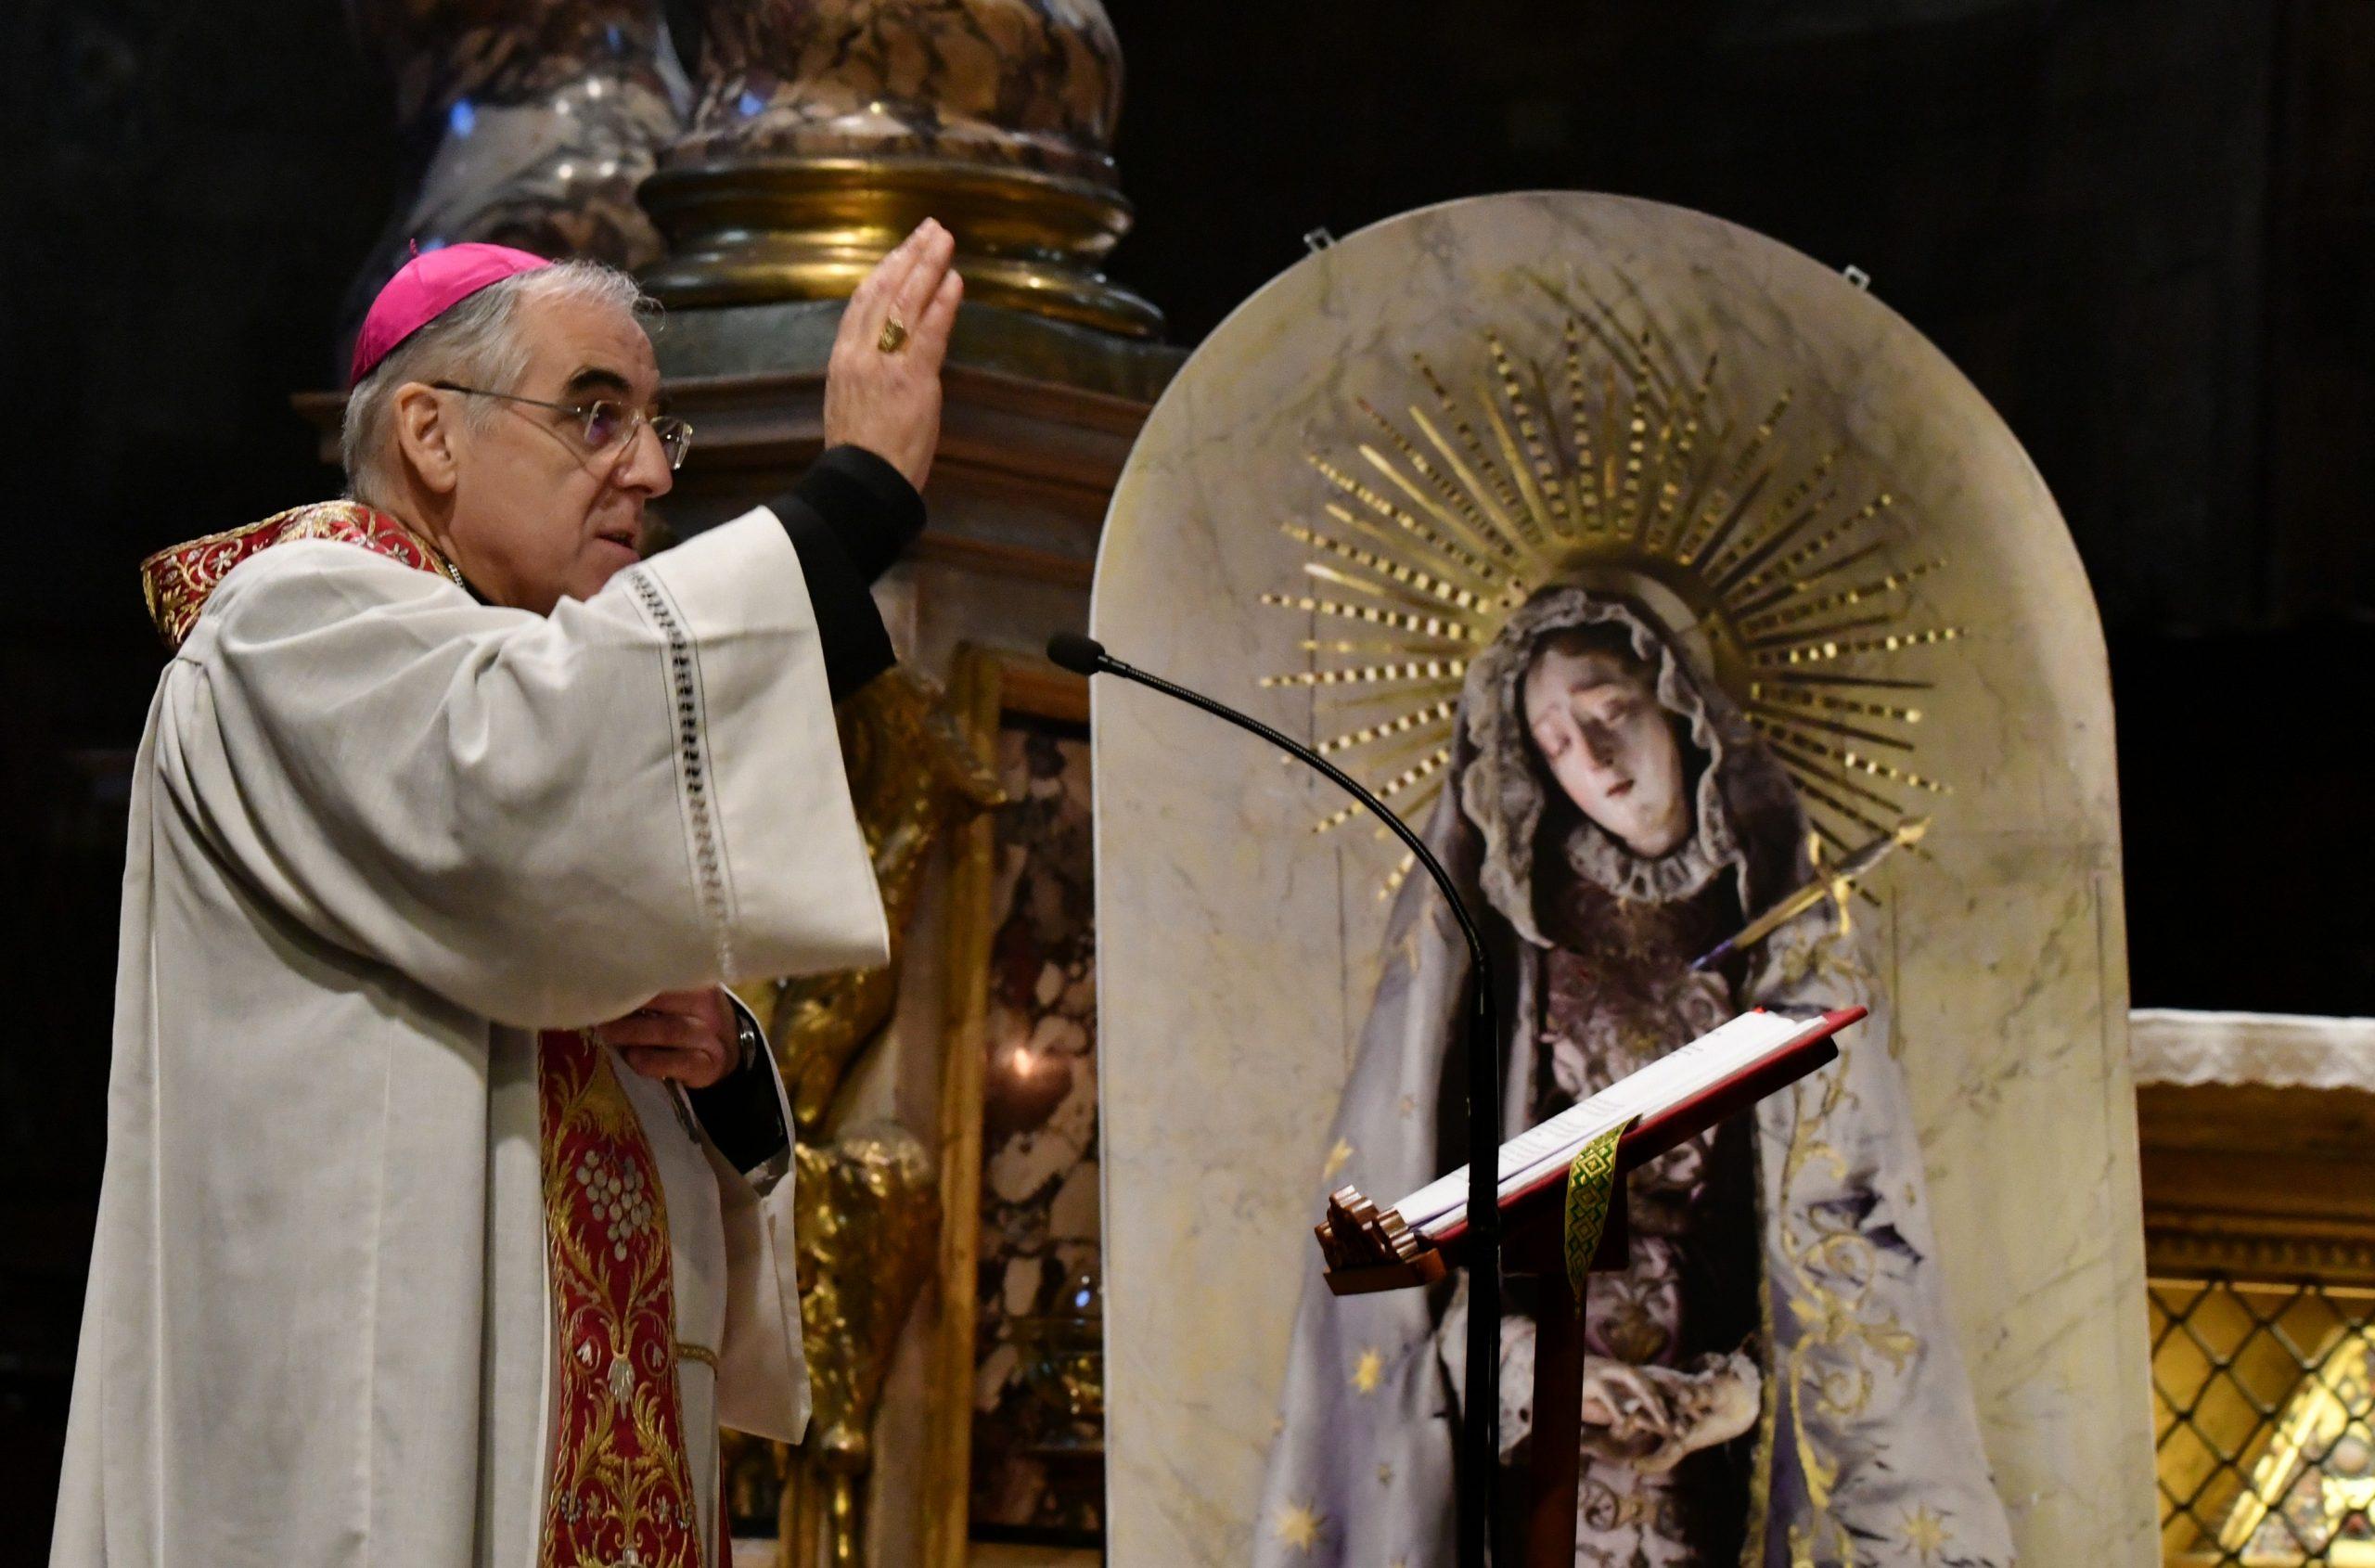 Mons. Tisi in preghiera davanti all'immagine della Madonna Addolorata (foto Zotta)